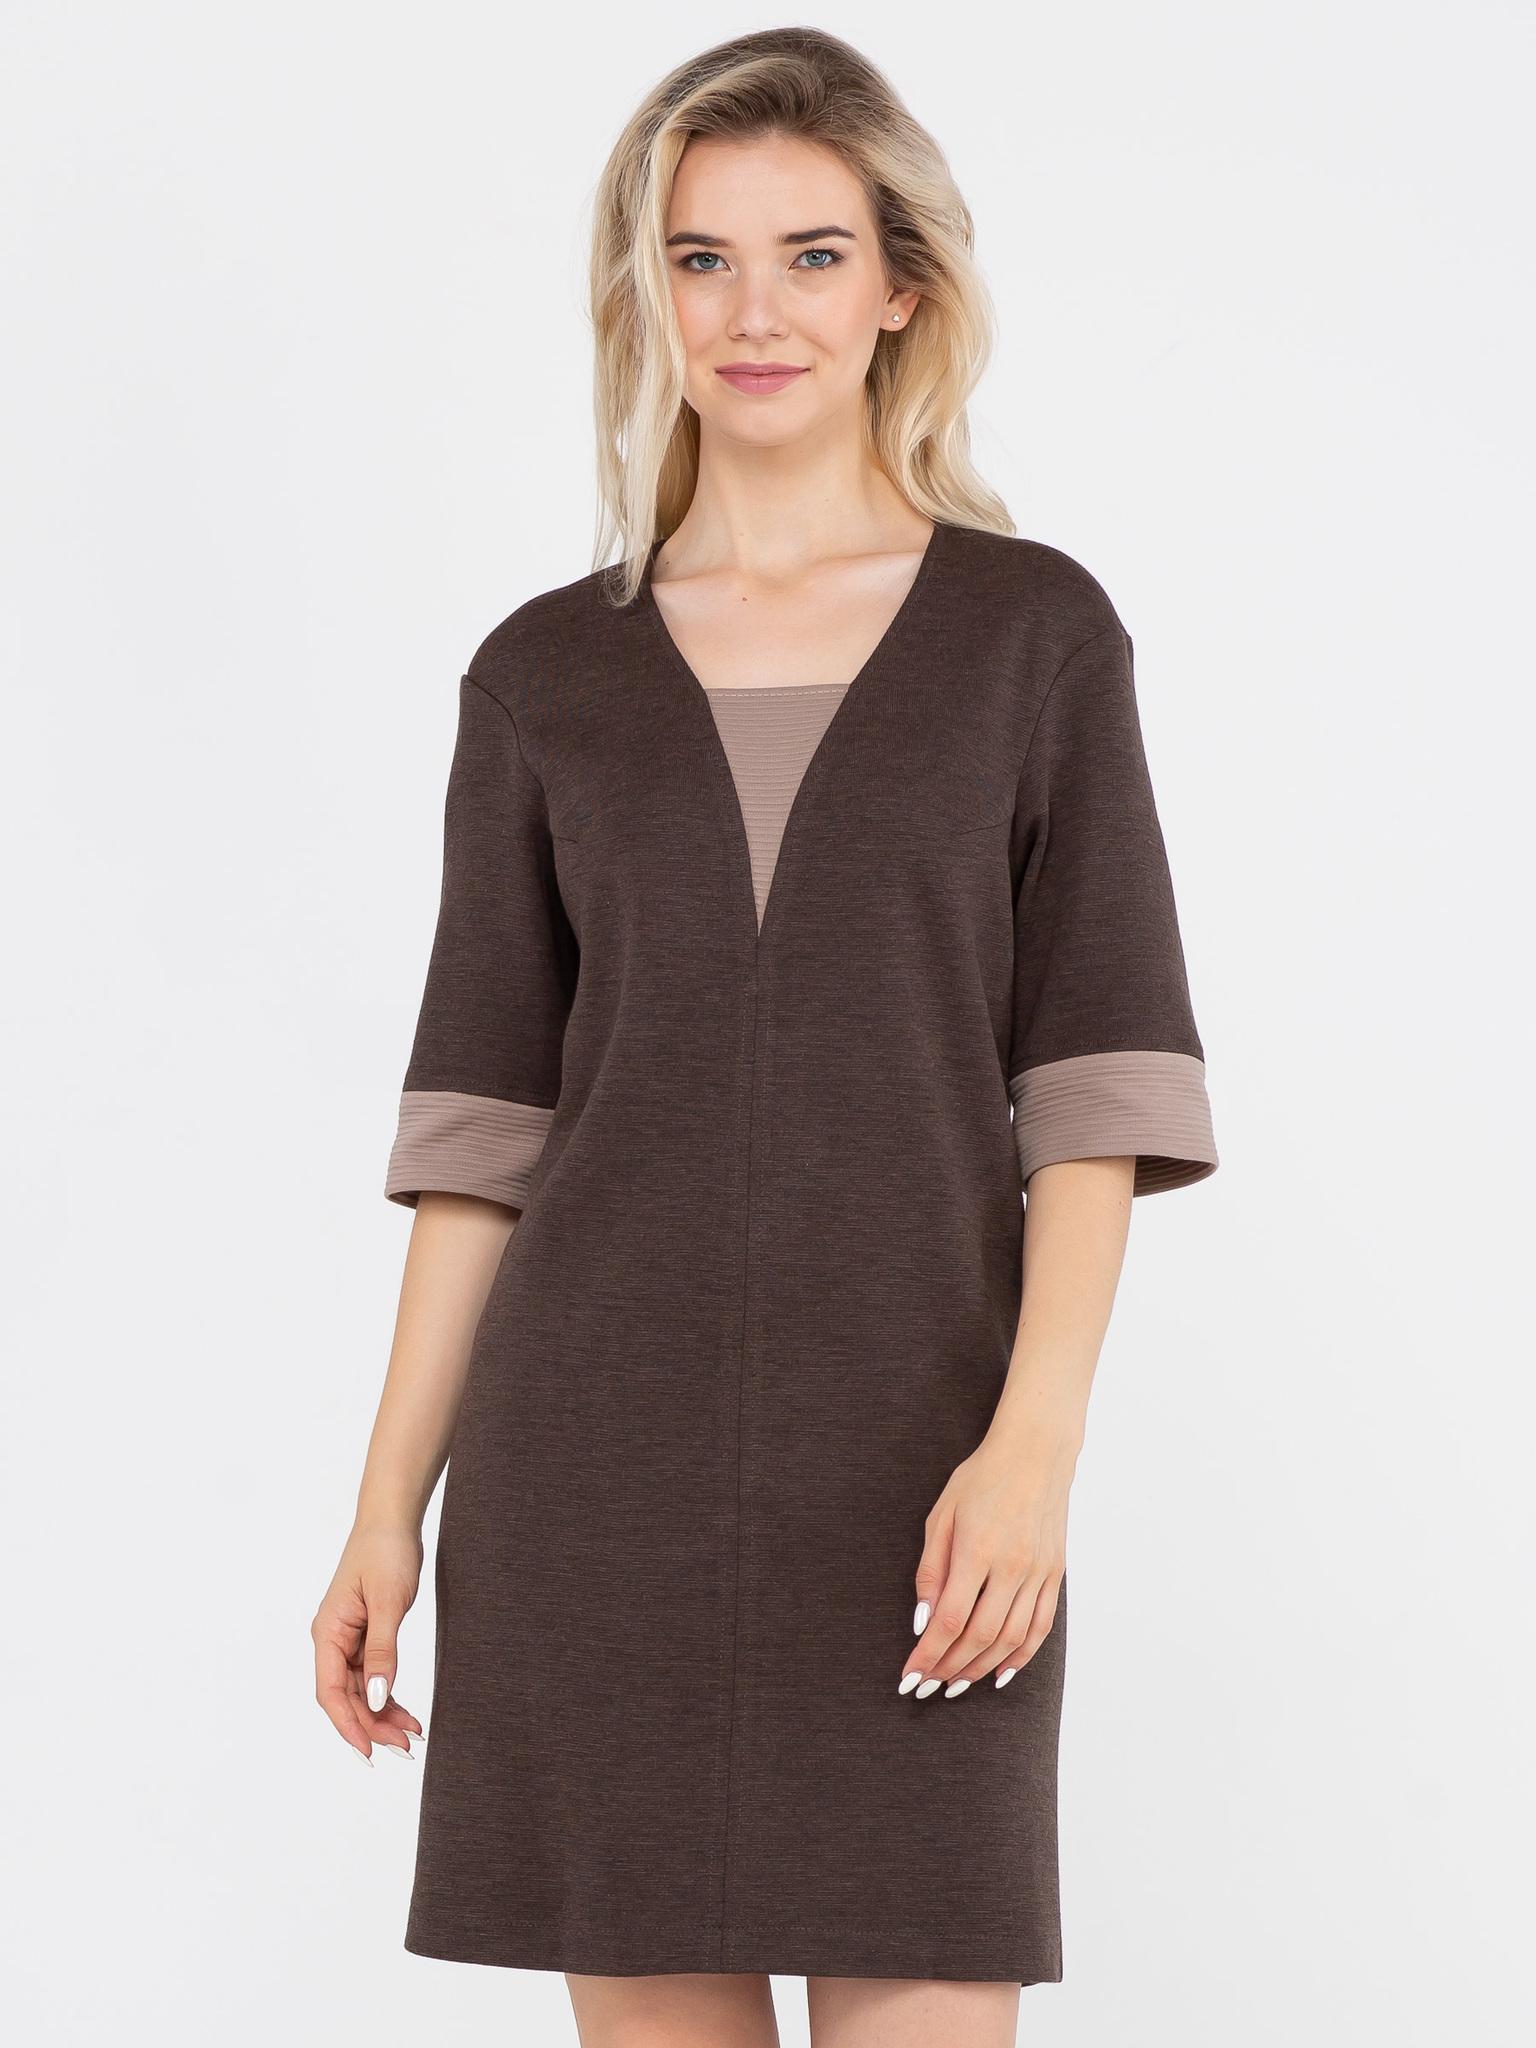 Платье З133-211 - Платье из плотного трикотажа расклешенного силуэта с рукавом до локтя. Универсальная и комфортная модель на каждый день.